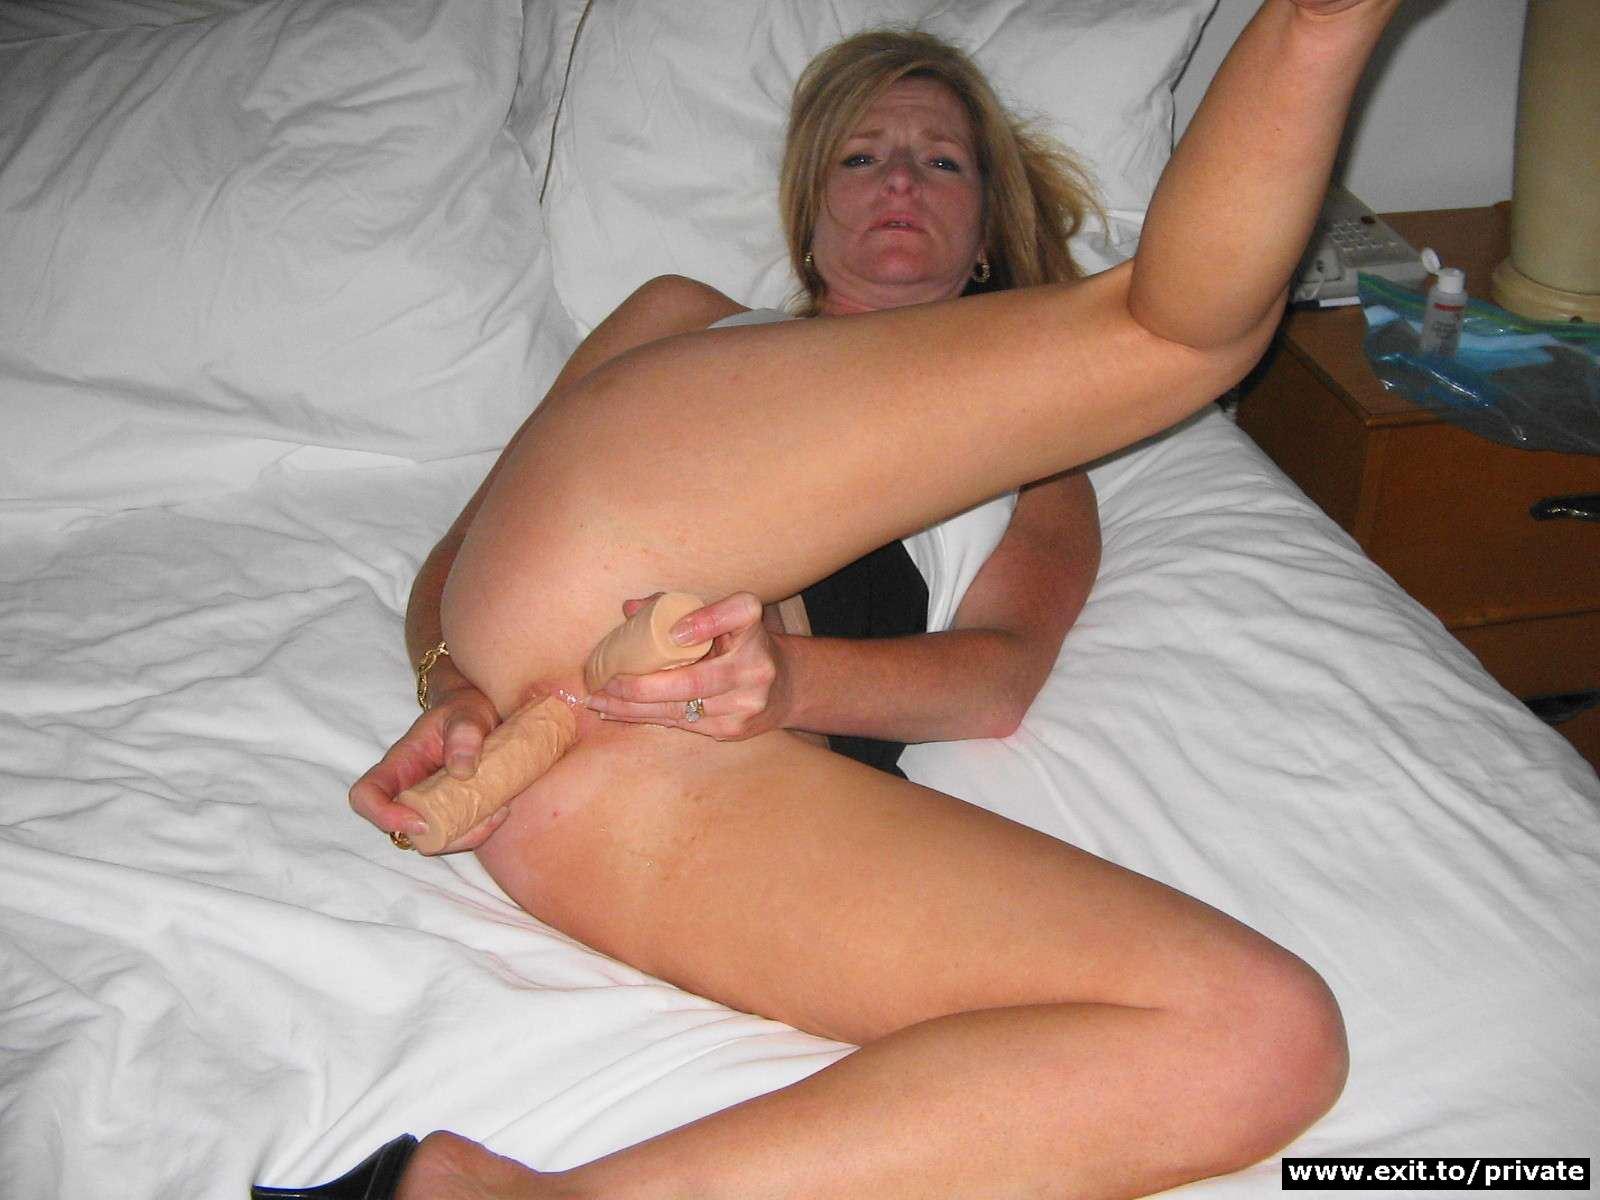 Удовольствие от секса в доме престарелых 11 фотография